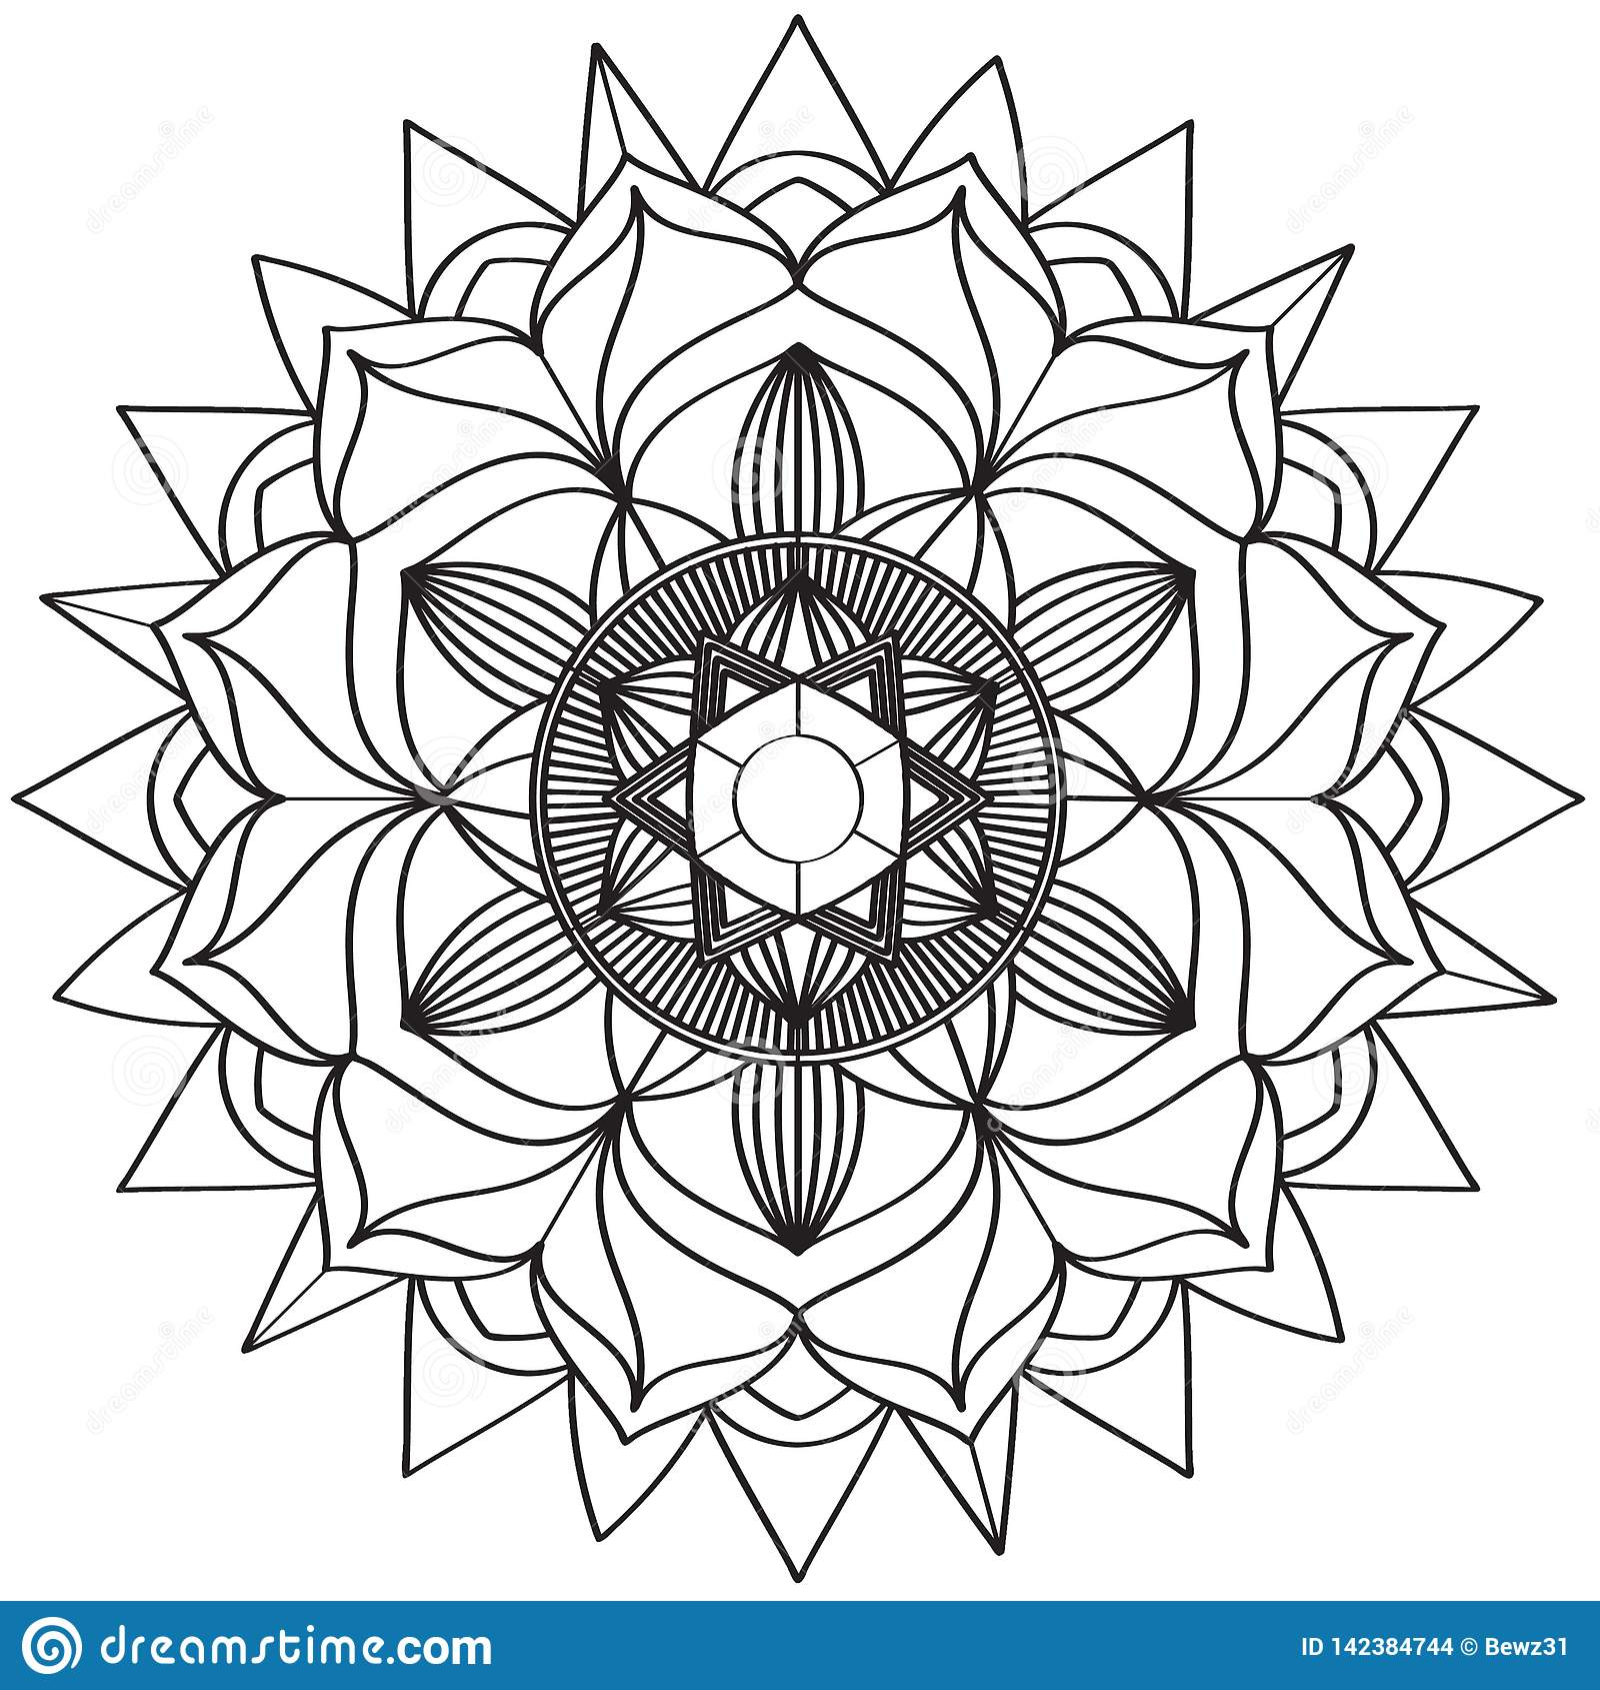 Настроение сложных картин мандалы черно-белое хорошее